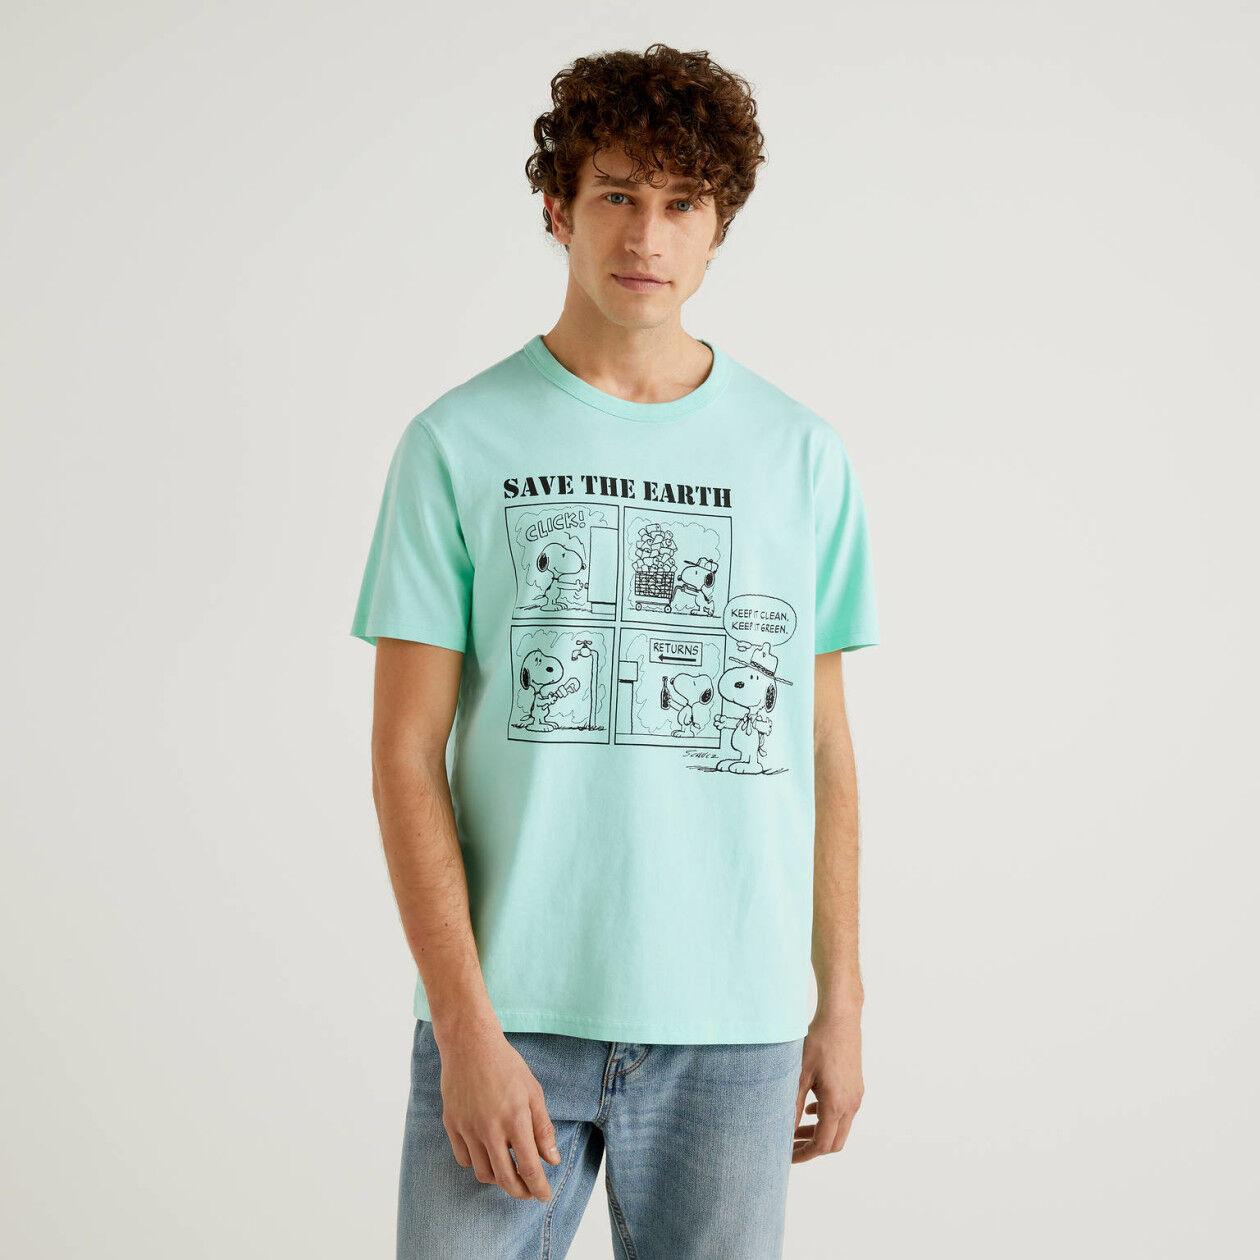 Teal Peanuts t-shirt